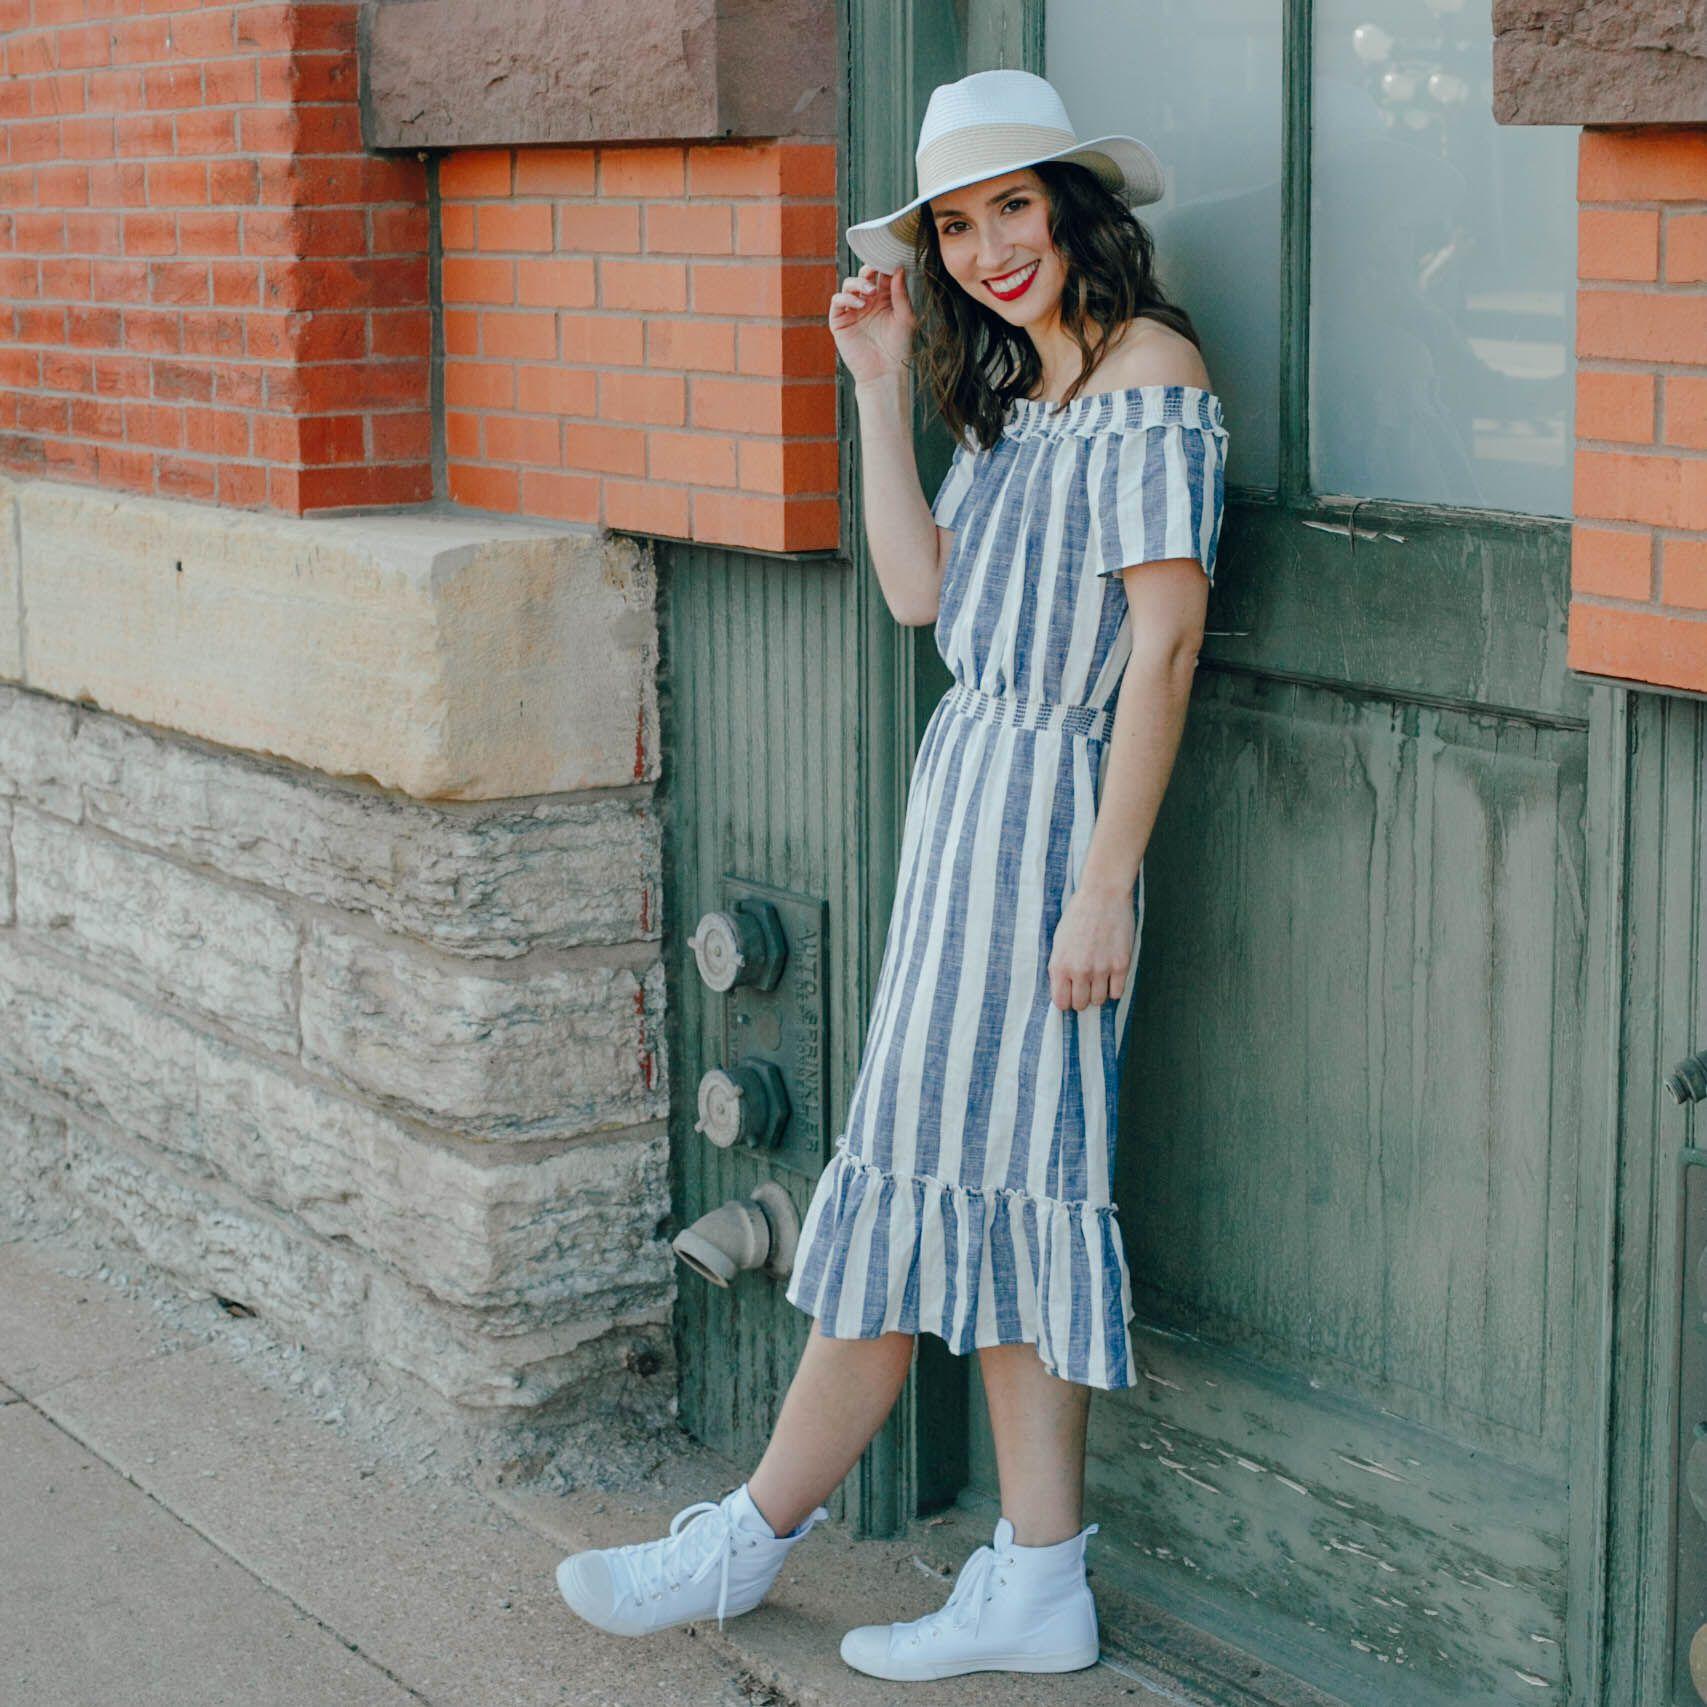 Midi Dress Style Styling Summer Dress With Sun Hat Target Sun Hat Target Style Summer Dress Midi Dress Style How To Style High Top Sneakers Summer Fashion [ 1707 x 1707 Pixel ]